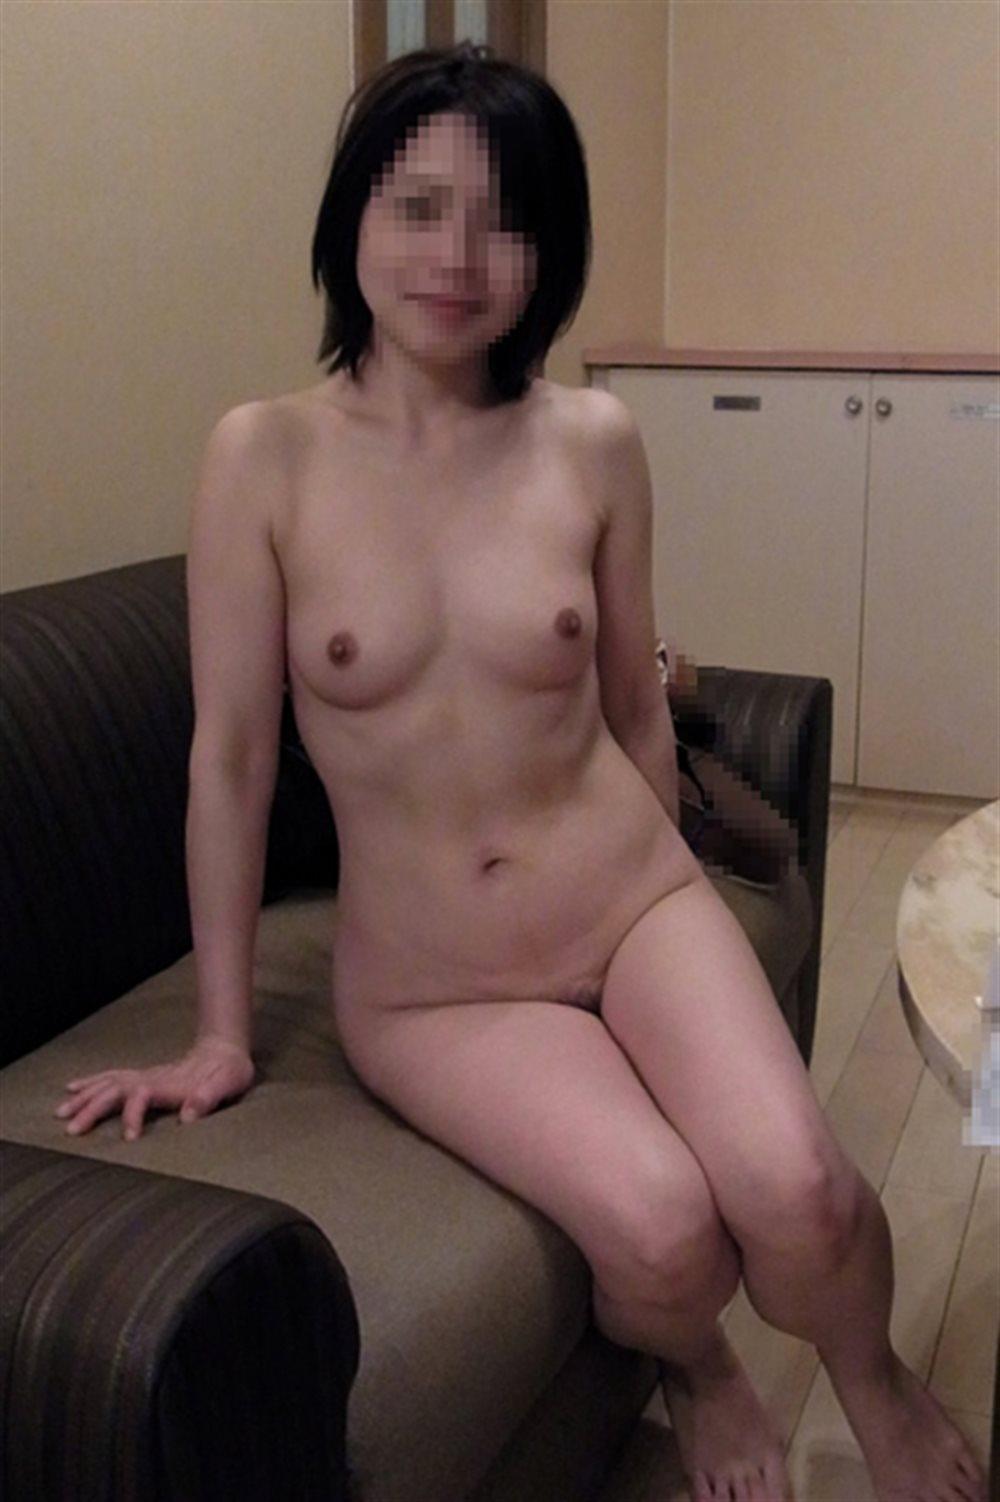 彼女の全裸ヌード姿をカメラに収めてます!